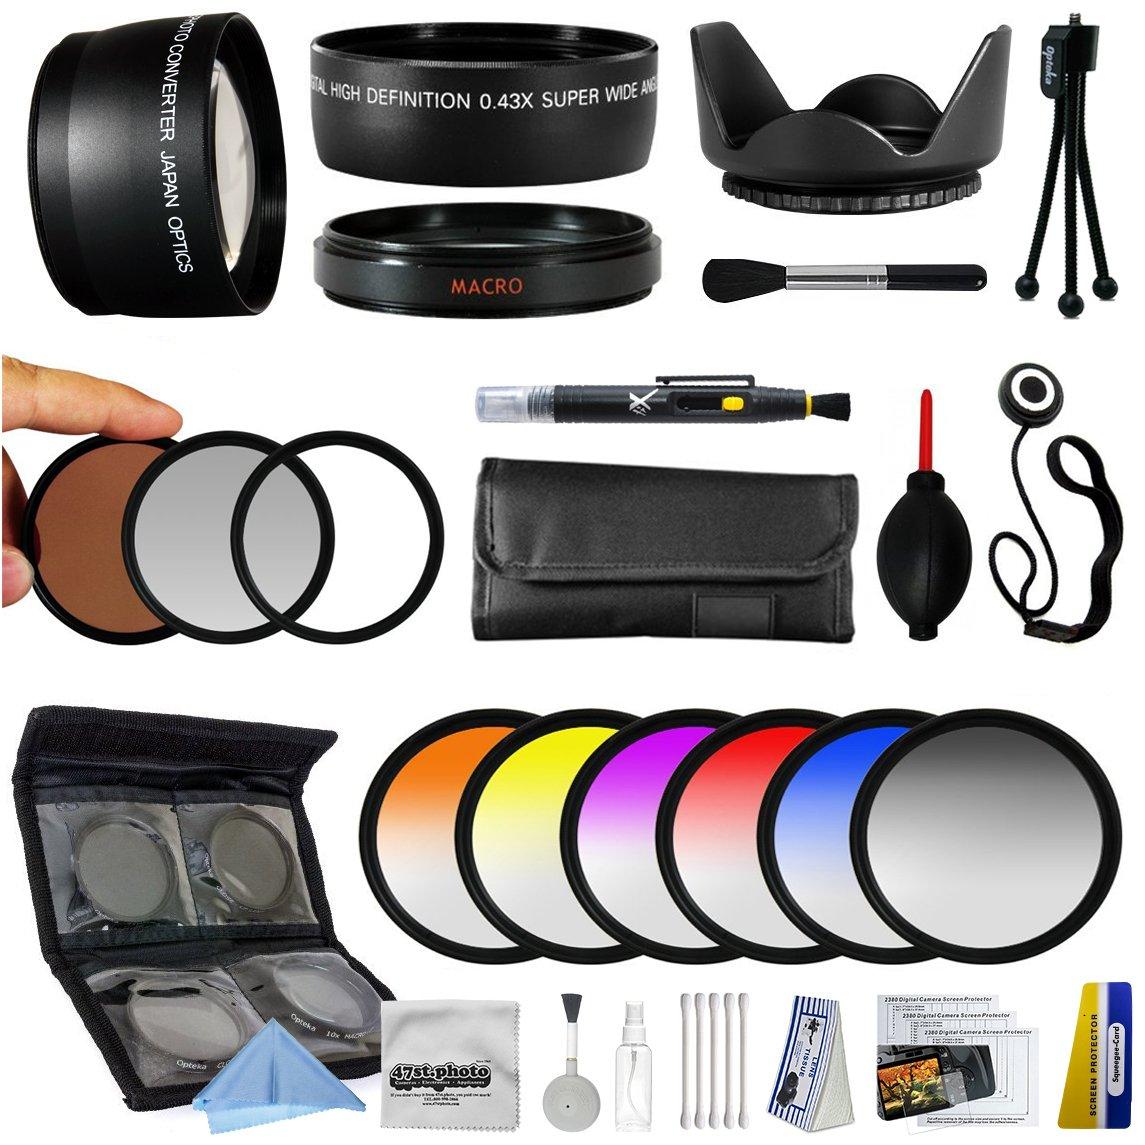 25ピース先進レンズパッケージ Sony Alpha NEX-6 NEX-7 NEX-3N NEX-5T NEX-5R ミラーレスデジタルカメラ用 0.43X HD2 広角パノラママクロ魚眼レンズ + 2.2x HD AF 望遠レンズ + 3ピースプロフィルターキット (UV、CPL、FLD) + 6ピースのマルチカラーグラデーションフィルターセット + 5点クローズアップセット + 1、+2、+4 10倍マクロレンズ付き+ペン型レンズ+5点のレンズ+デラックスレンズレンズレンズ+。   B00JDNWHEW